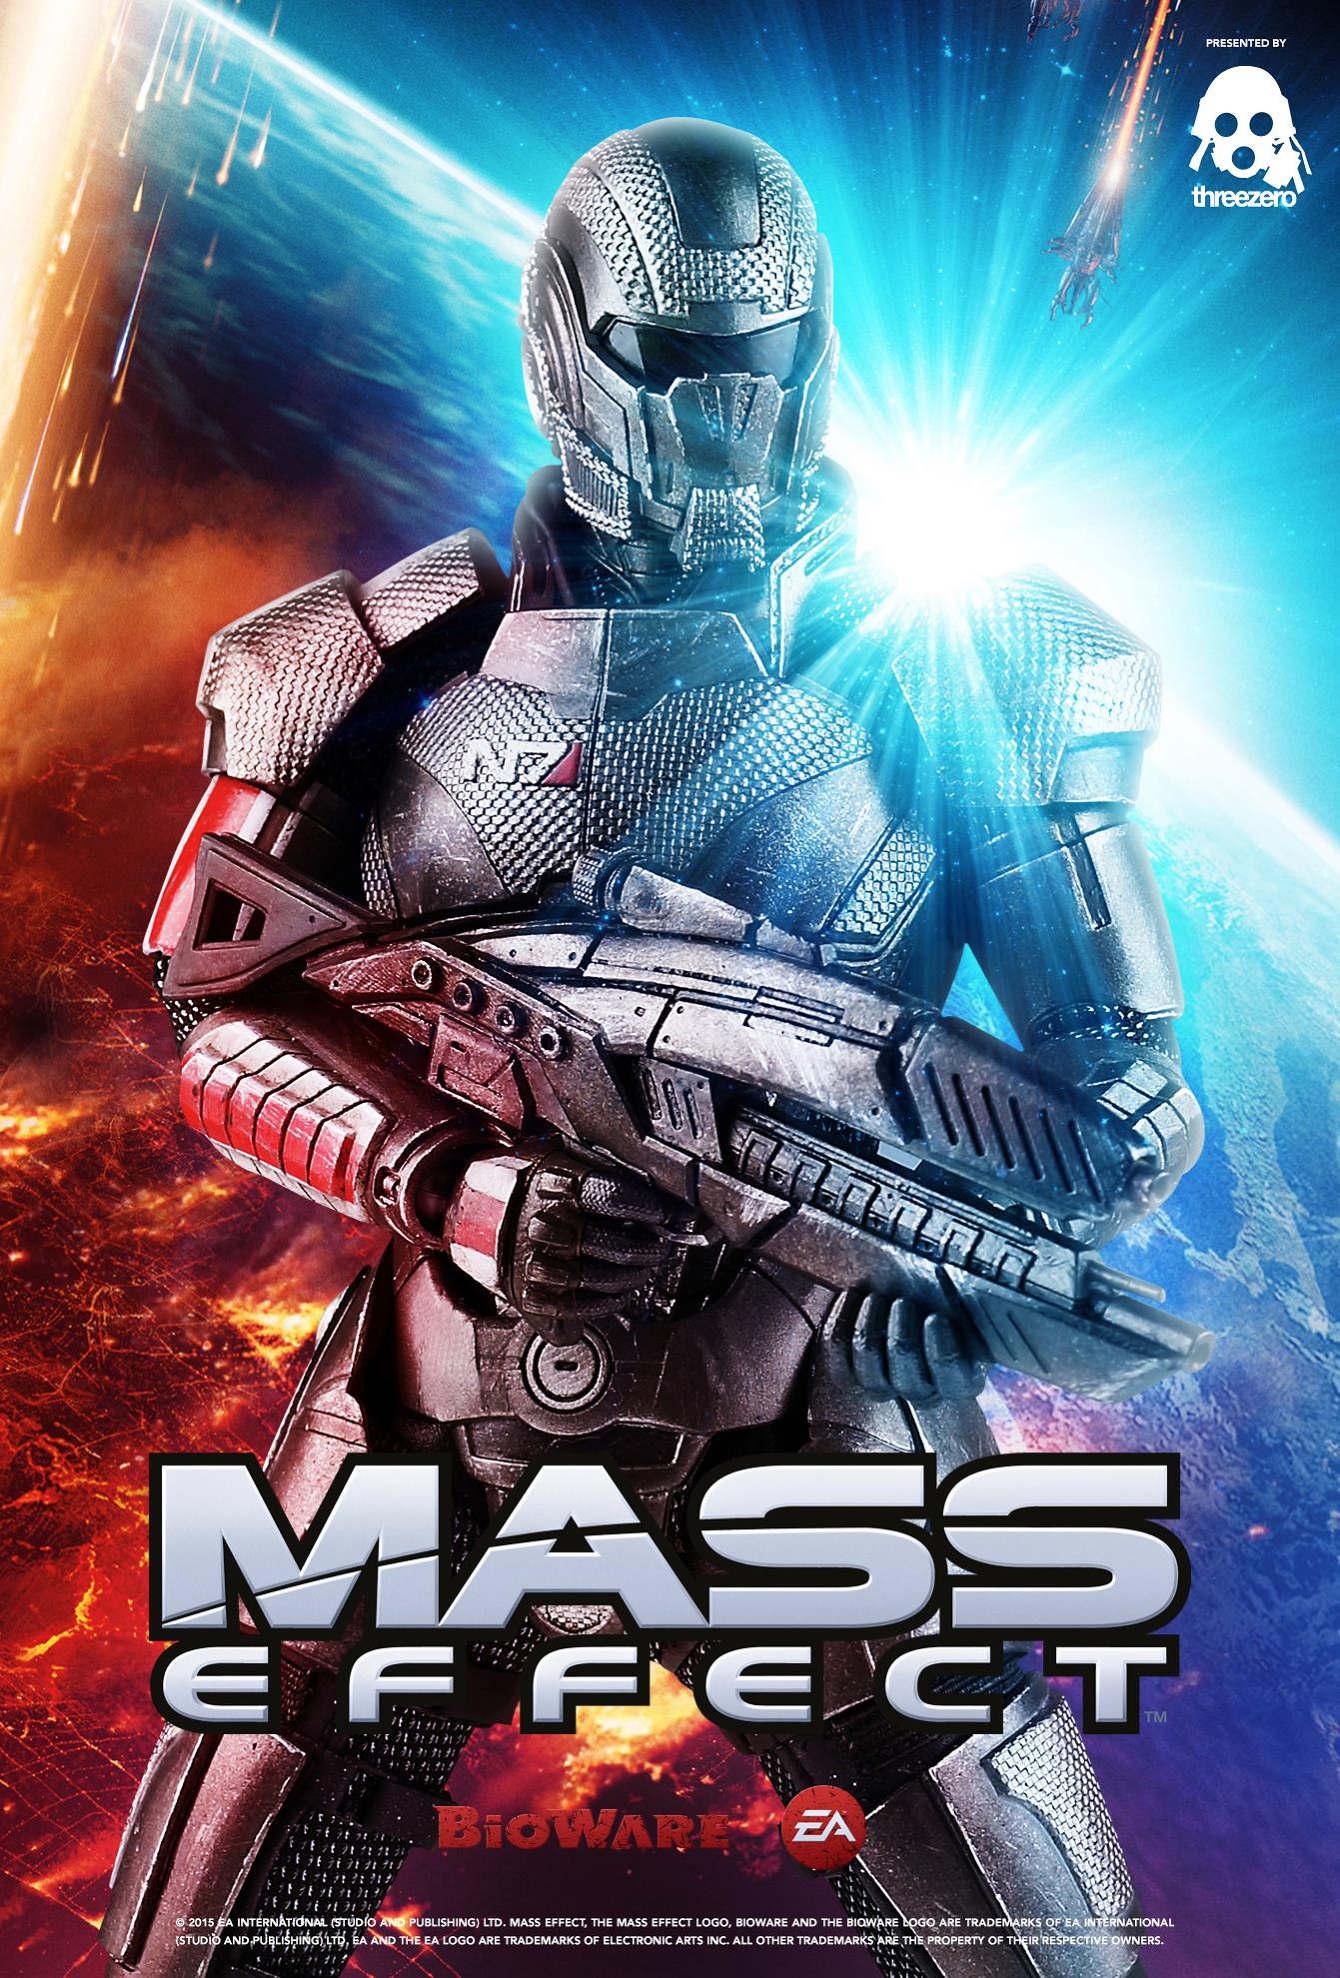 ThreeZero-Bioware-video-game-Shepard-MASSEFFECT-PROMO_1340_c.jpg